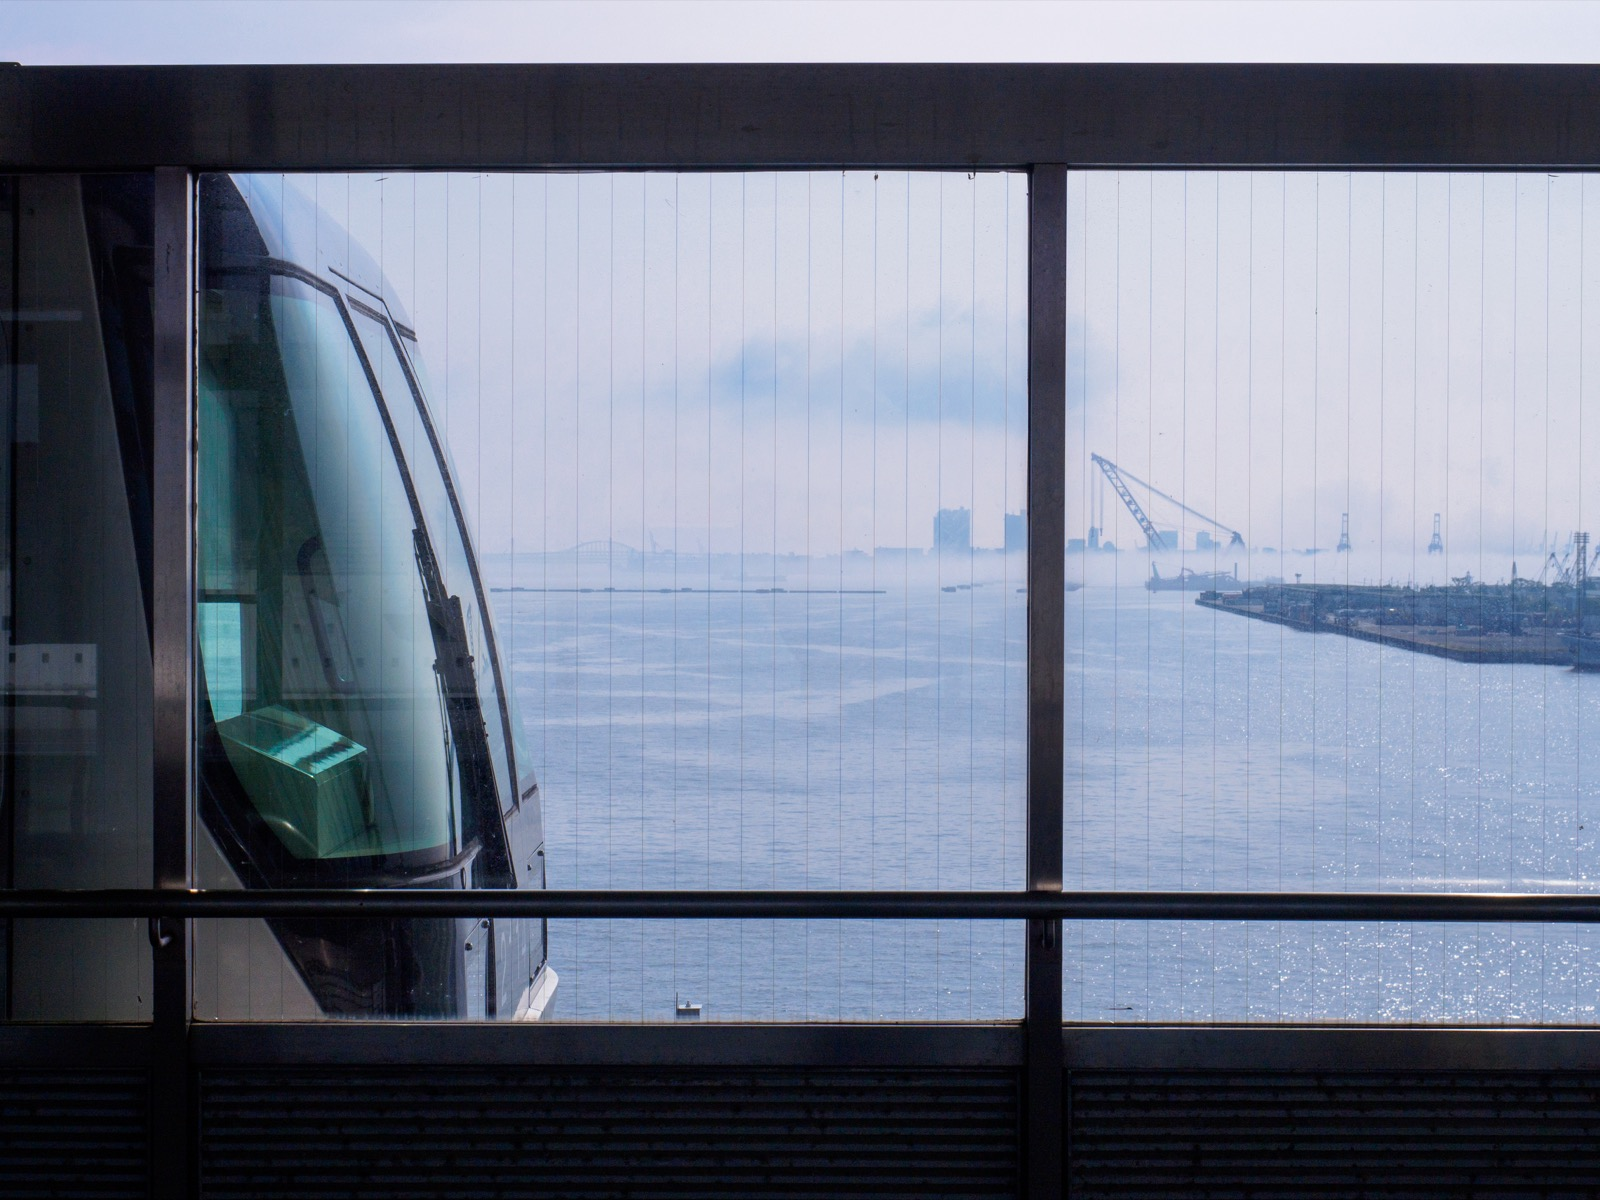 ポートターミナル駅から見る神戸港